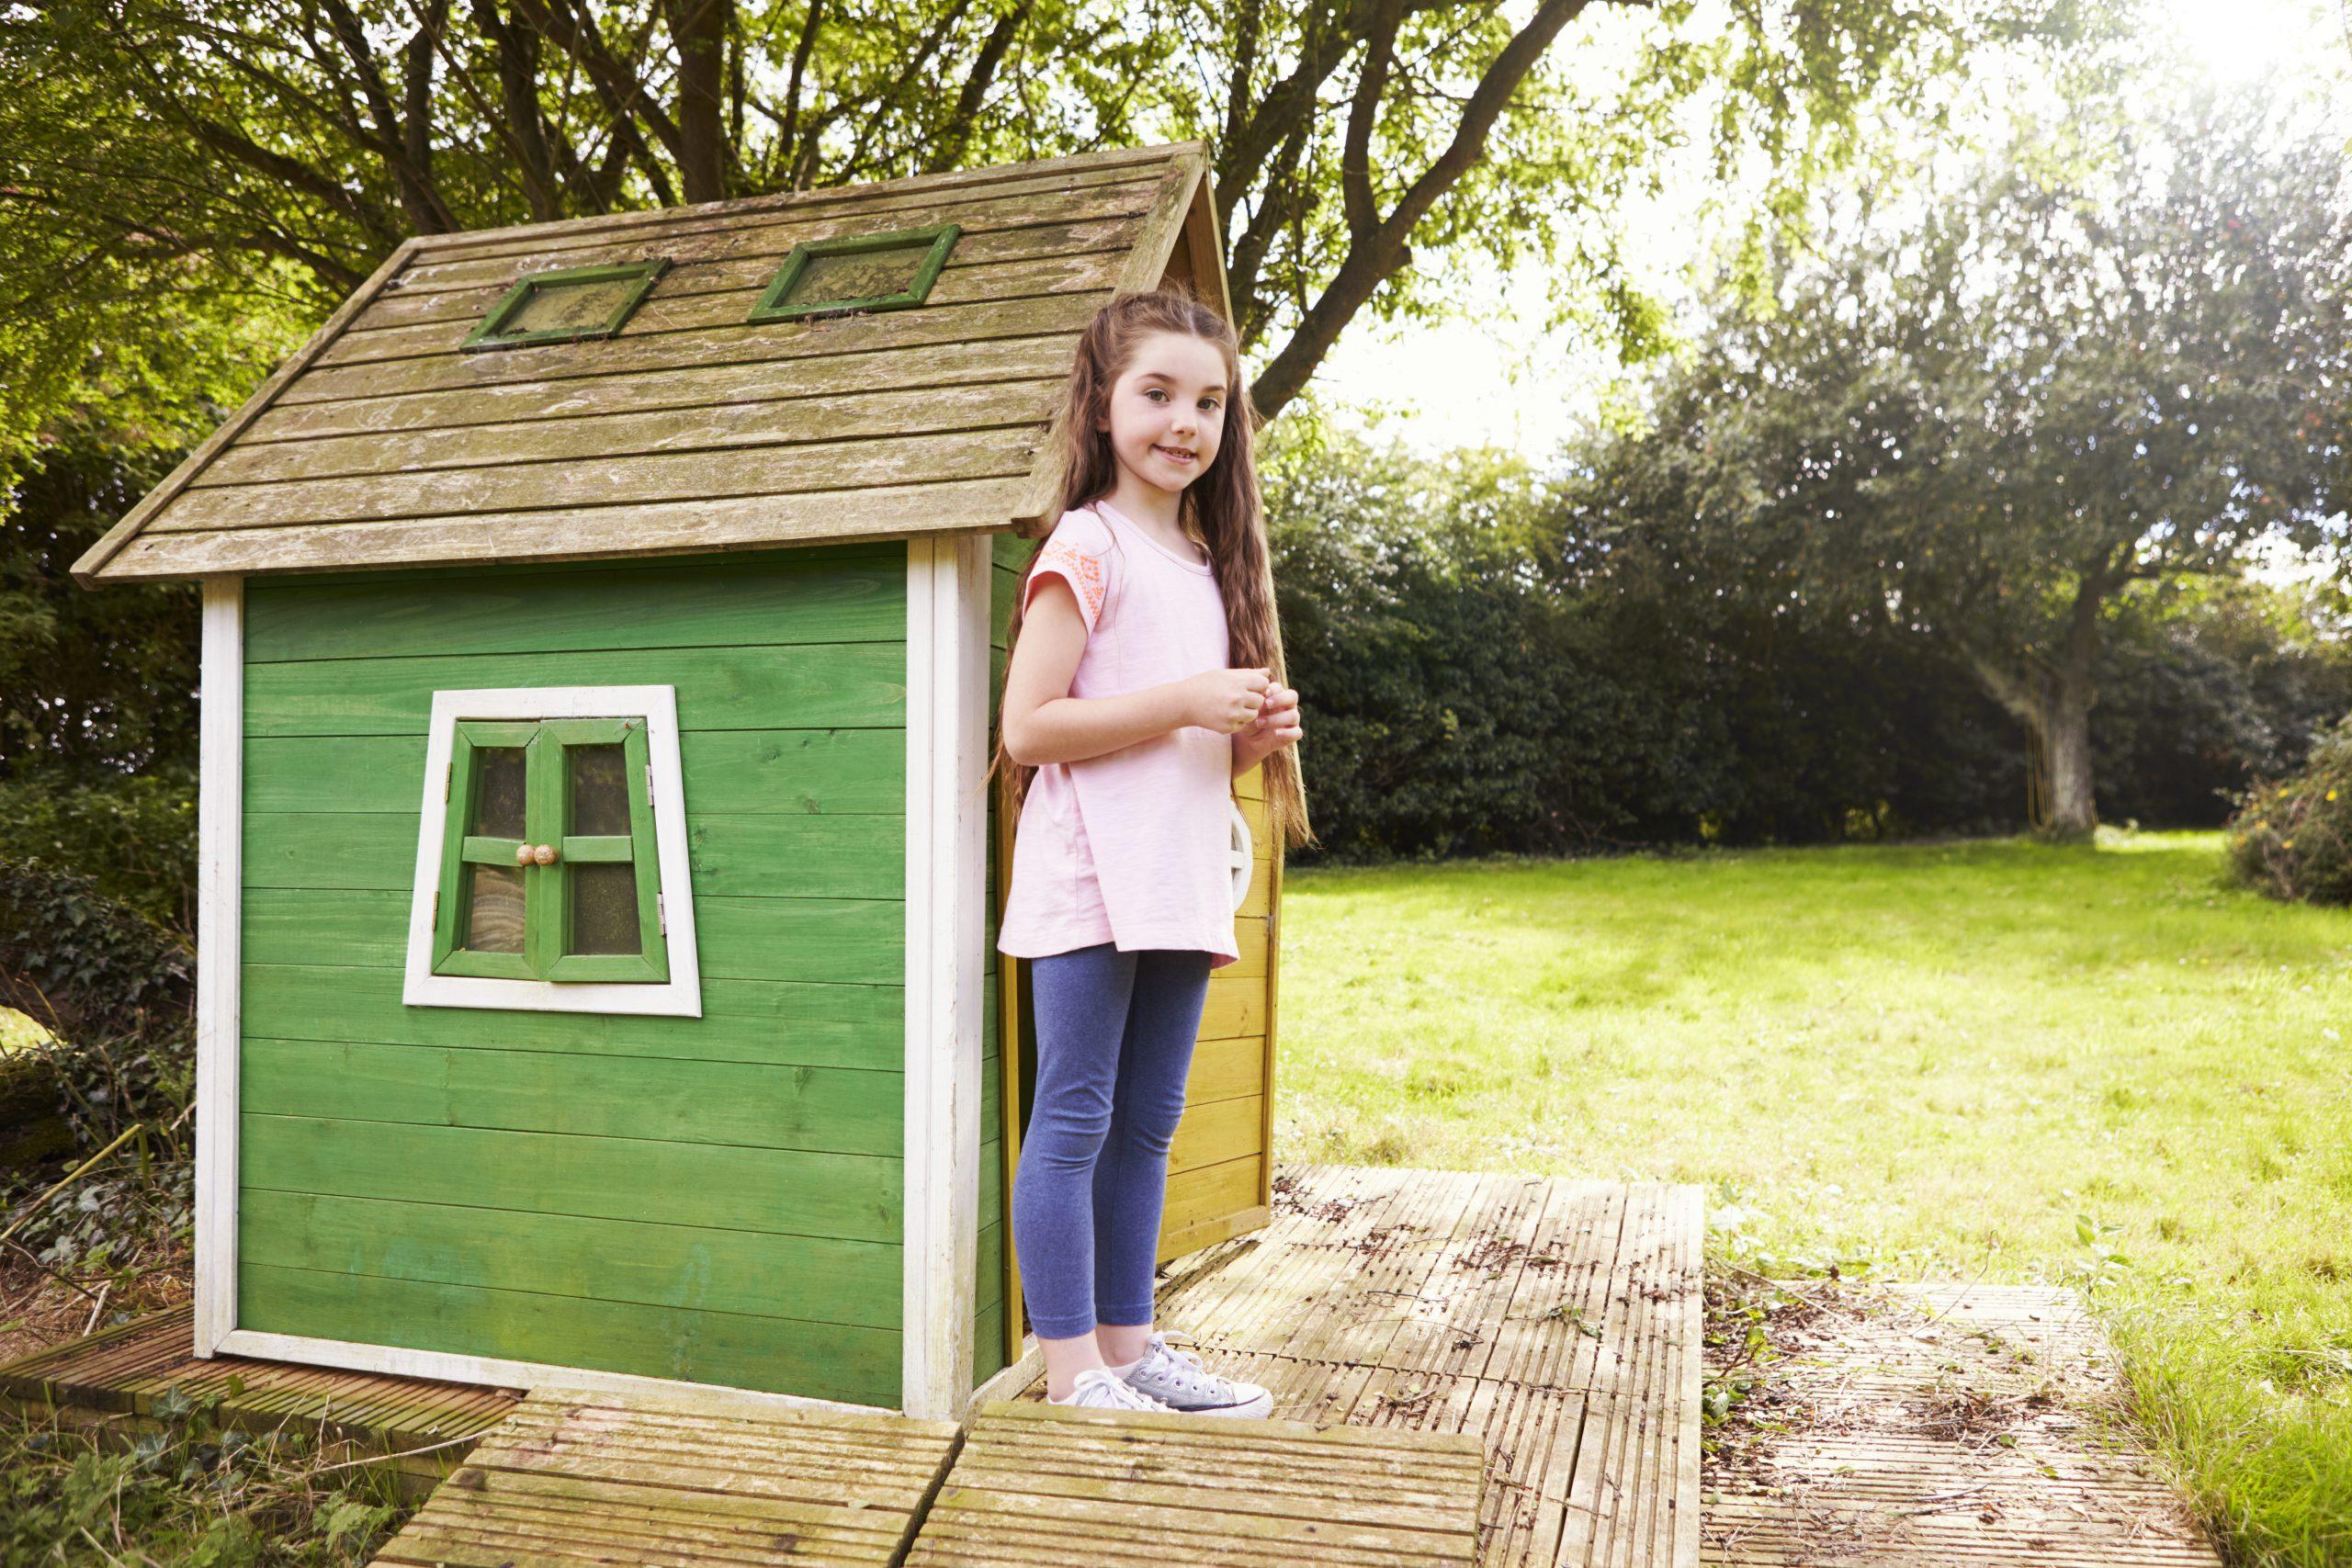 Casas de jardín para niños: ¿Cuáles son las mejores del 2020?